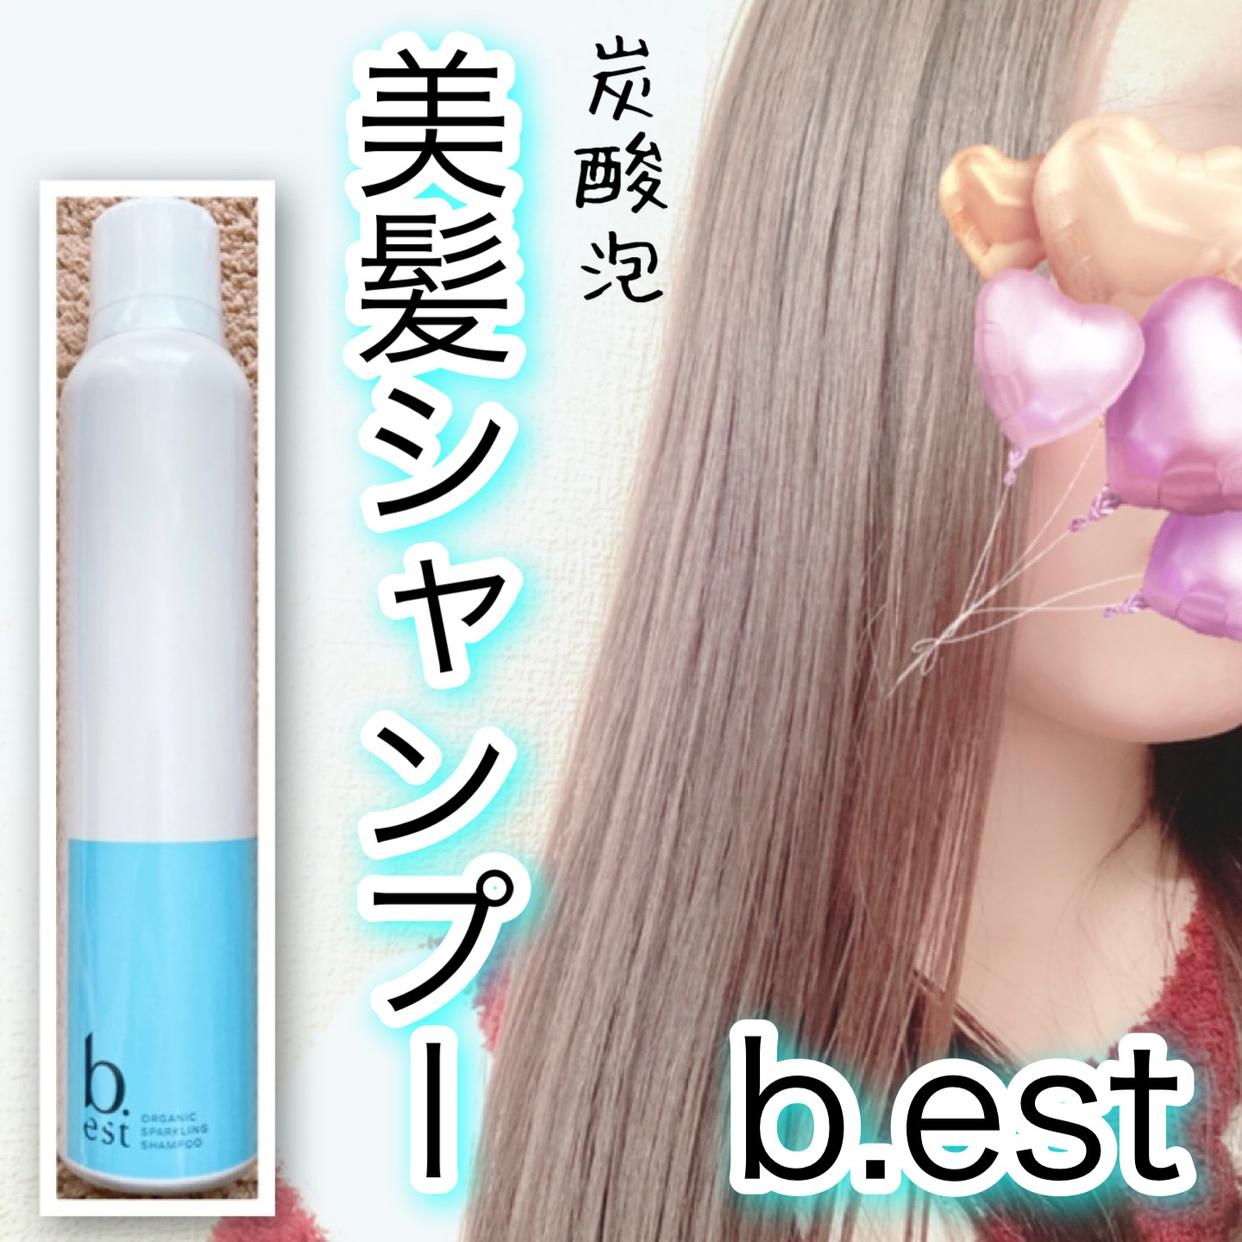 b.est(ビーエスト) organic sparkling shampooを使ったyunaさんのクチコミ画像1